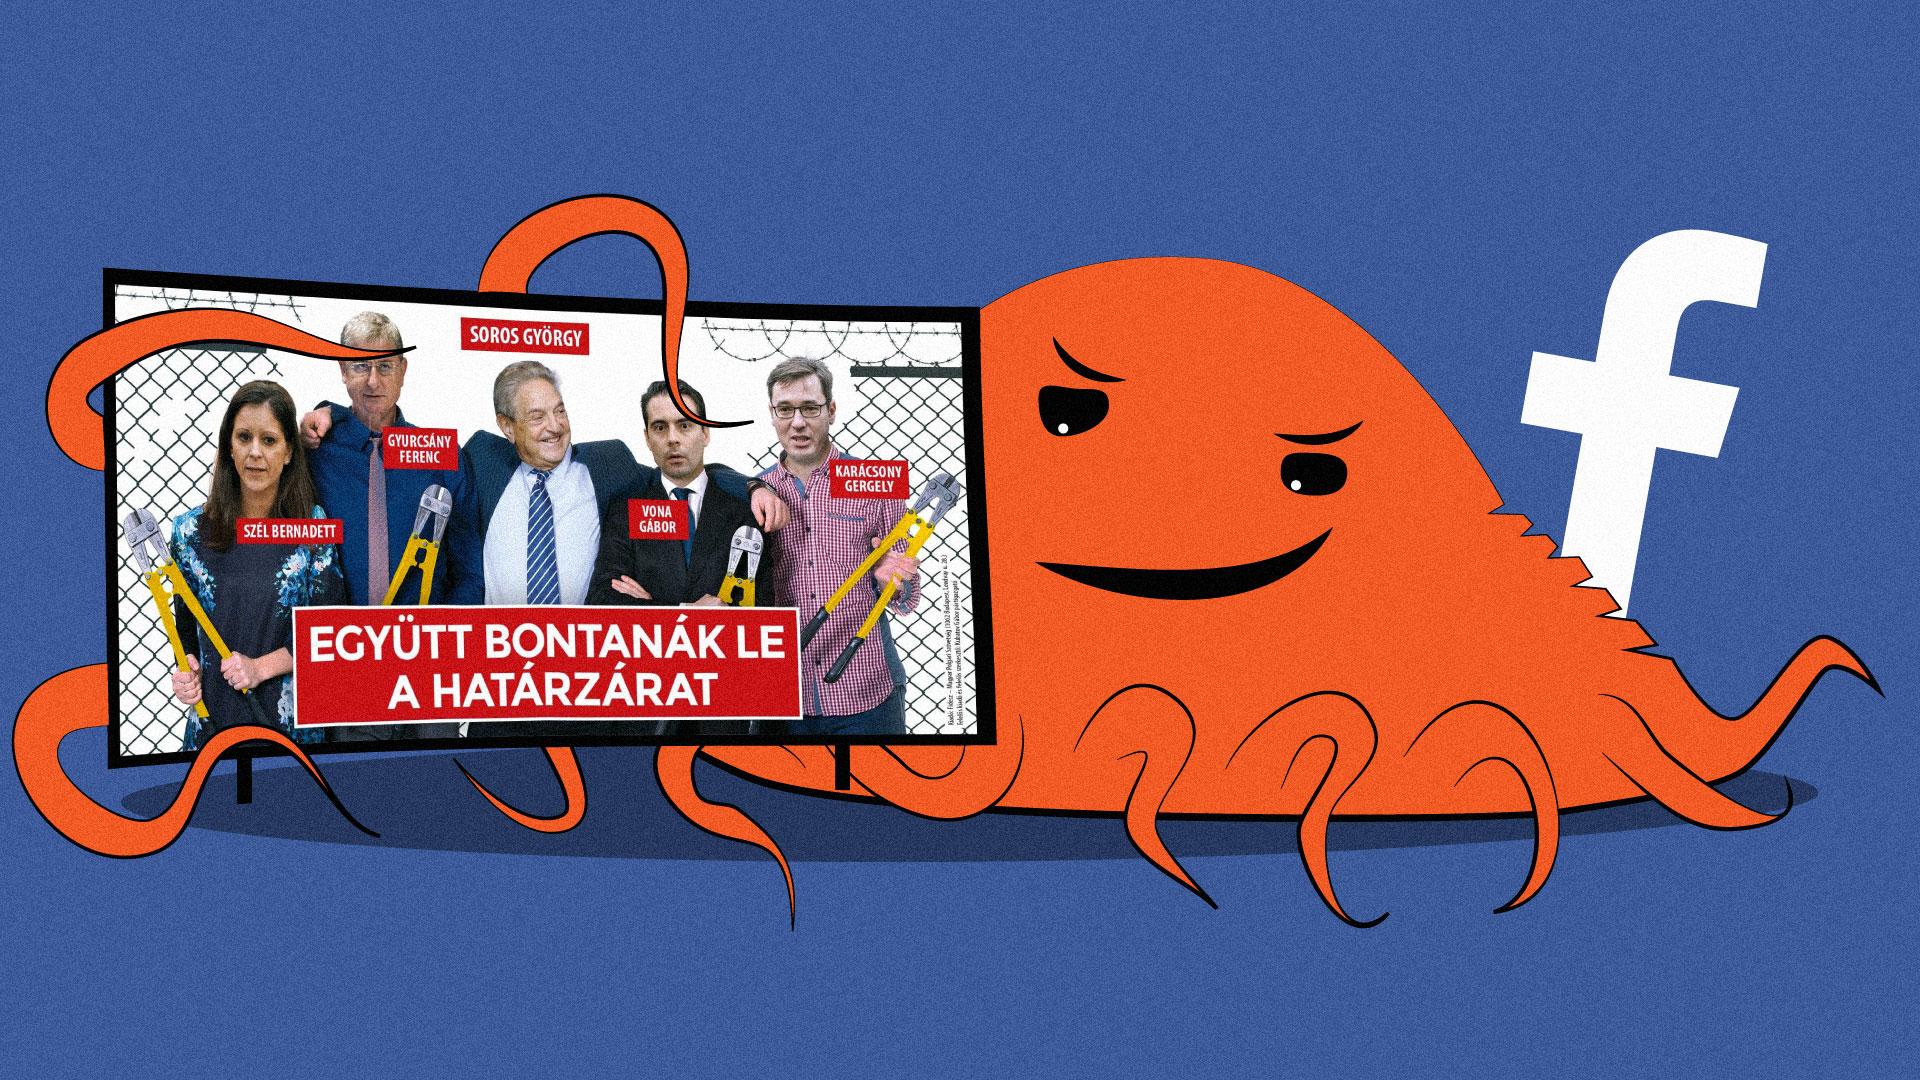 A Facebook a kormányzati médiakonglomerátum miatt minősíthette megbízhatatlannak az egész magyar sajtót